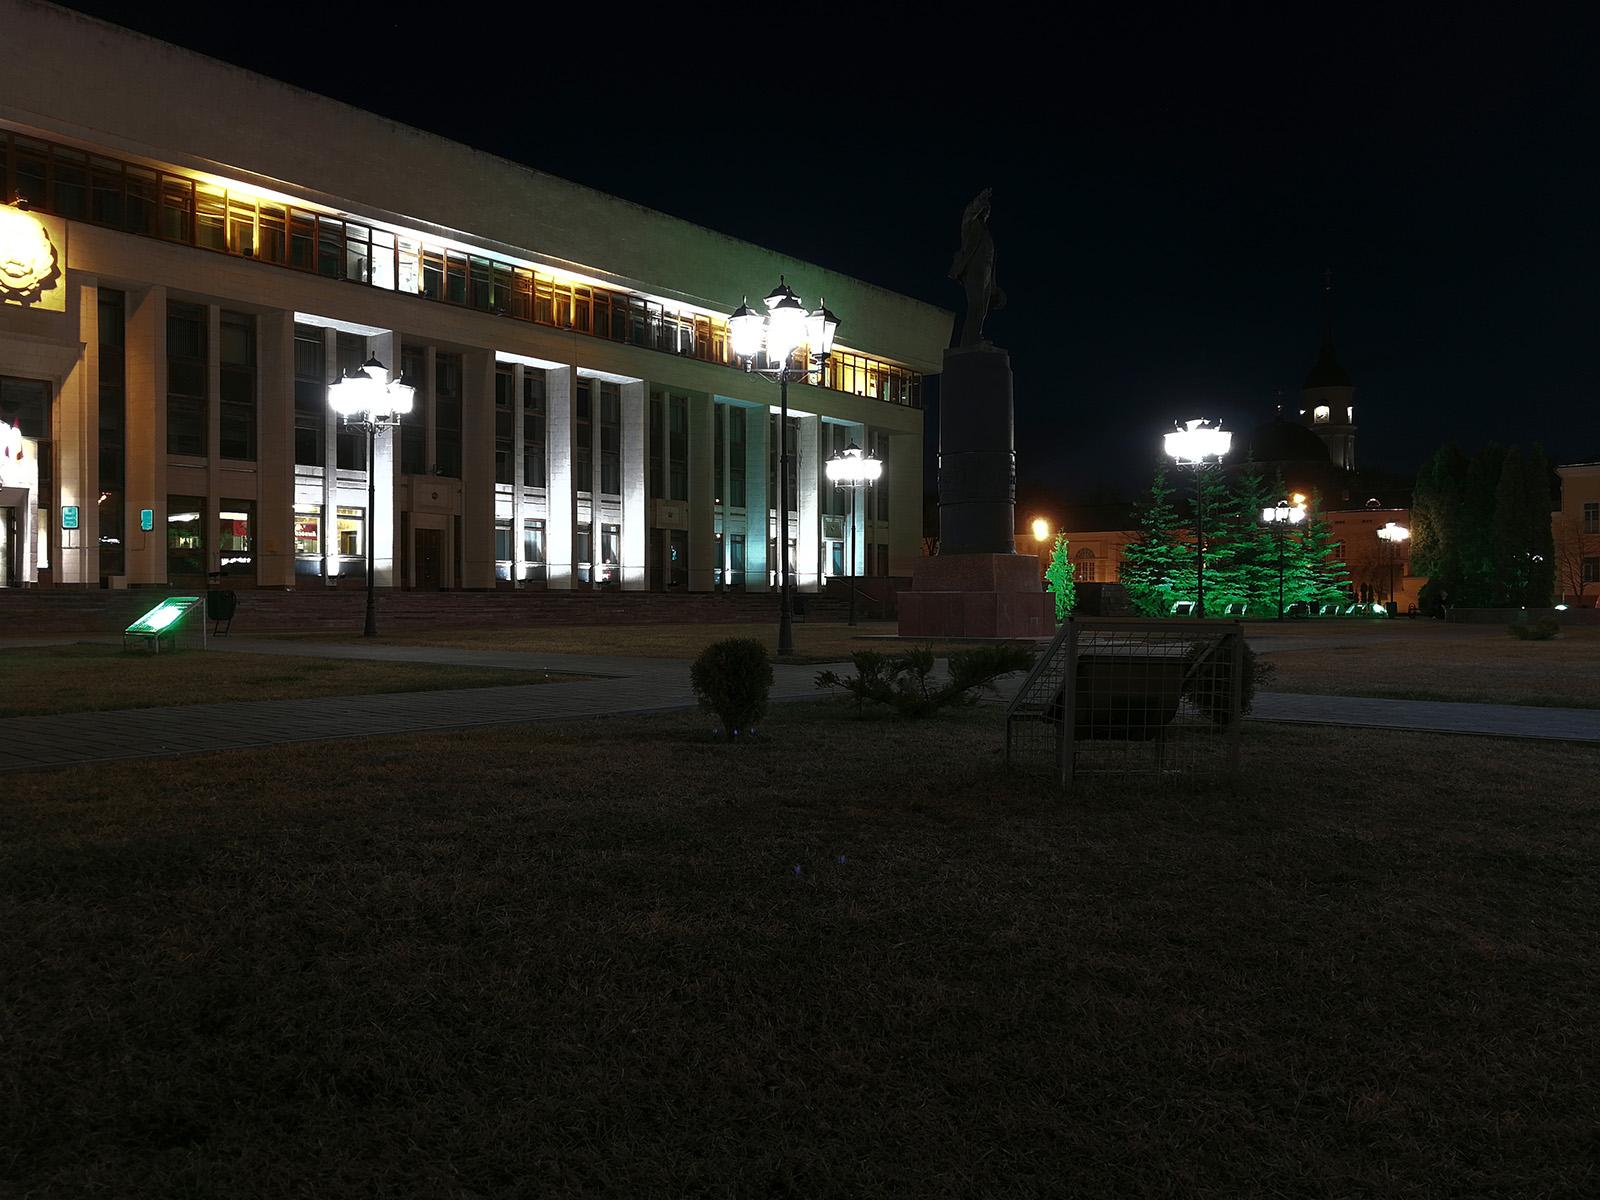 Съёмка на камеру Huawei P10 ночью (2)